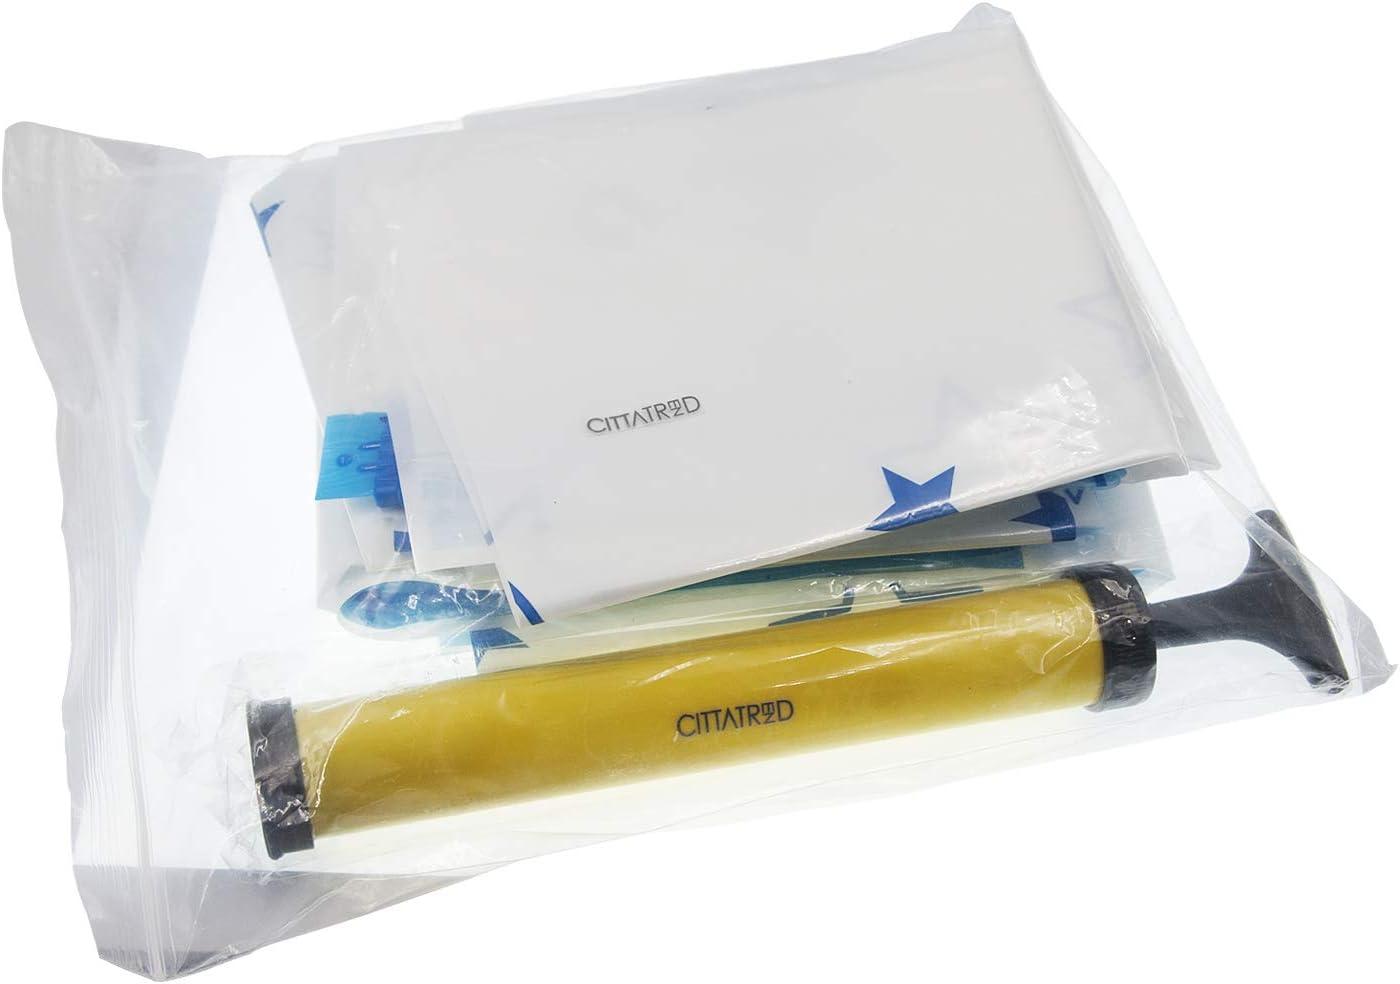 CITTATREND-Bolsa Vacío Ropa Edredón Bolsas Ahorradoras de Espacio Ahorro 75% Espesor 0,09MM Reutilizable Compatible con la Aspiradora Todo en Uno Lote 17